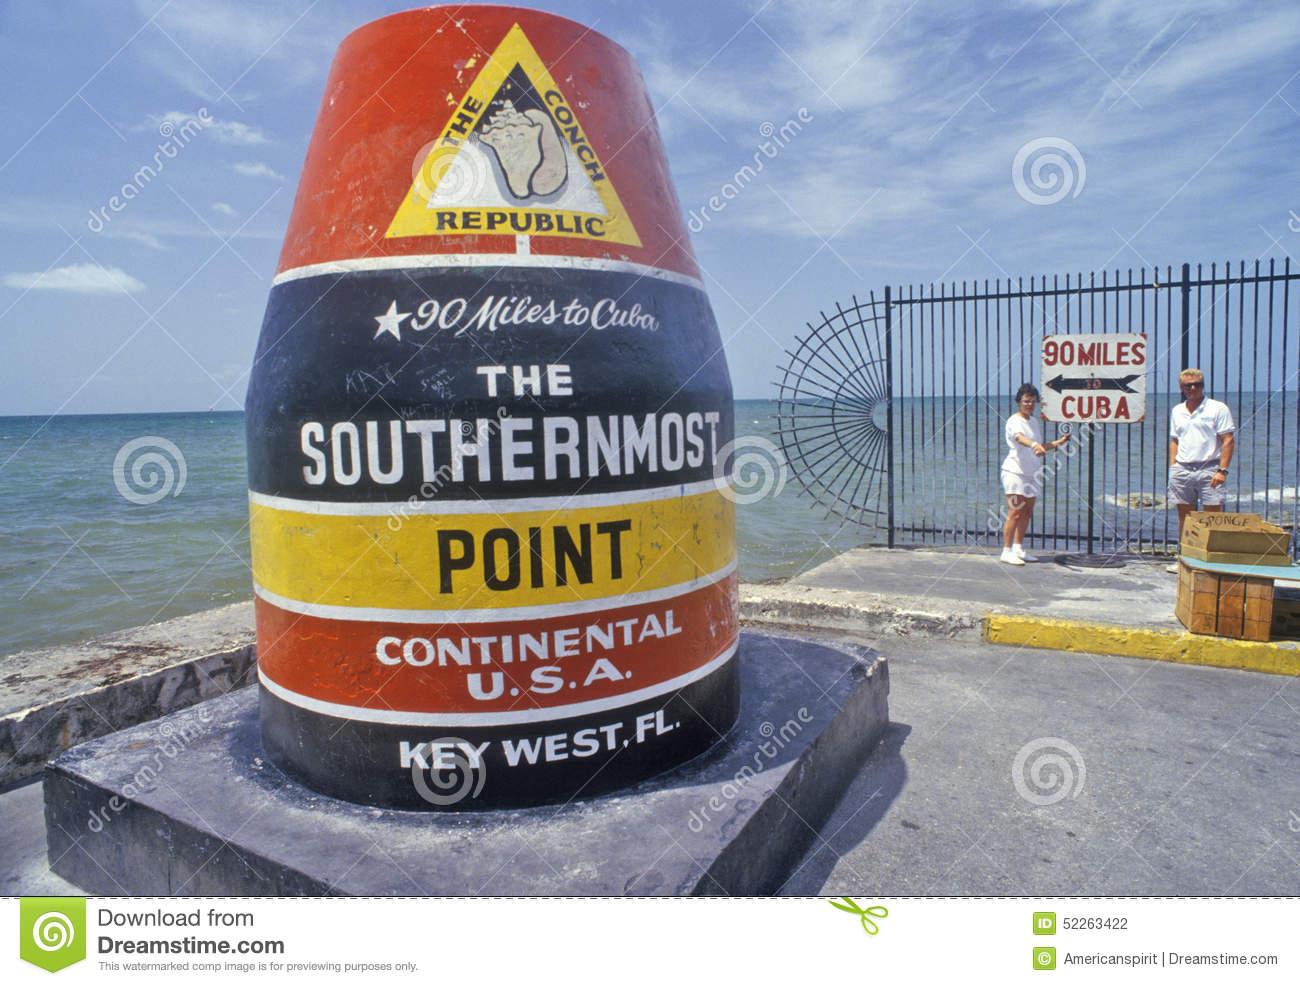 Nombre:  el-punto-m%u00E1s-situado-m%u00E1s-al-sur-de-los-estados-unidos-continentales-key-west-la-florid.jpg Visitas: 292 Tamaño: 184.8 KB